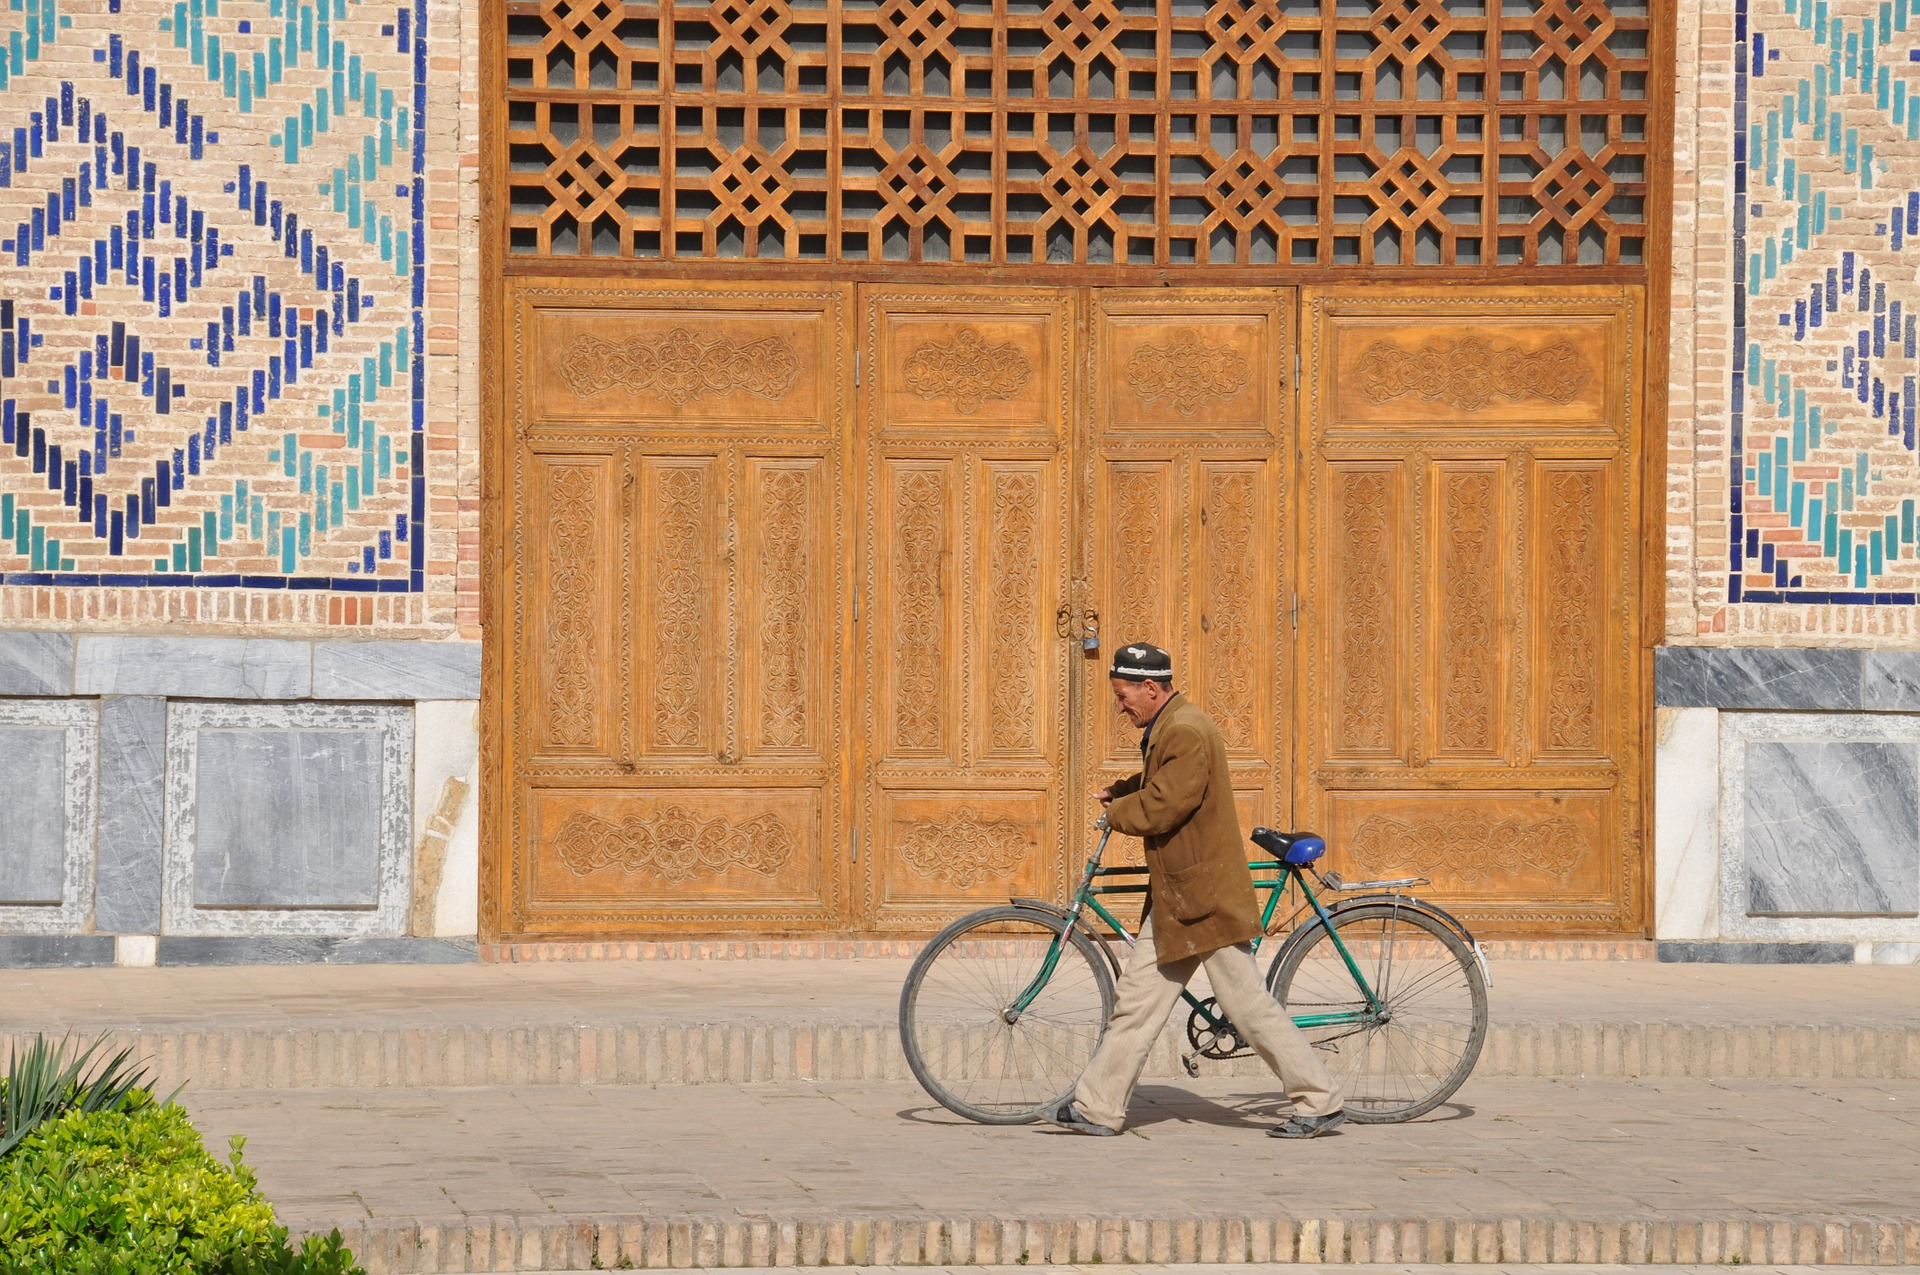 uzbekistan-1468911_1920 (1)